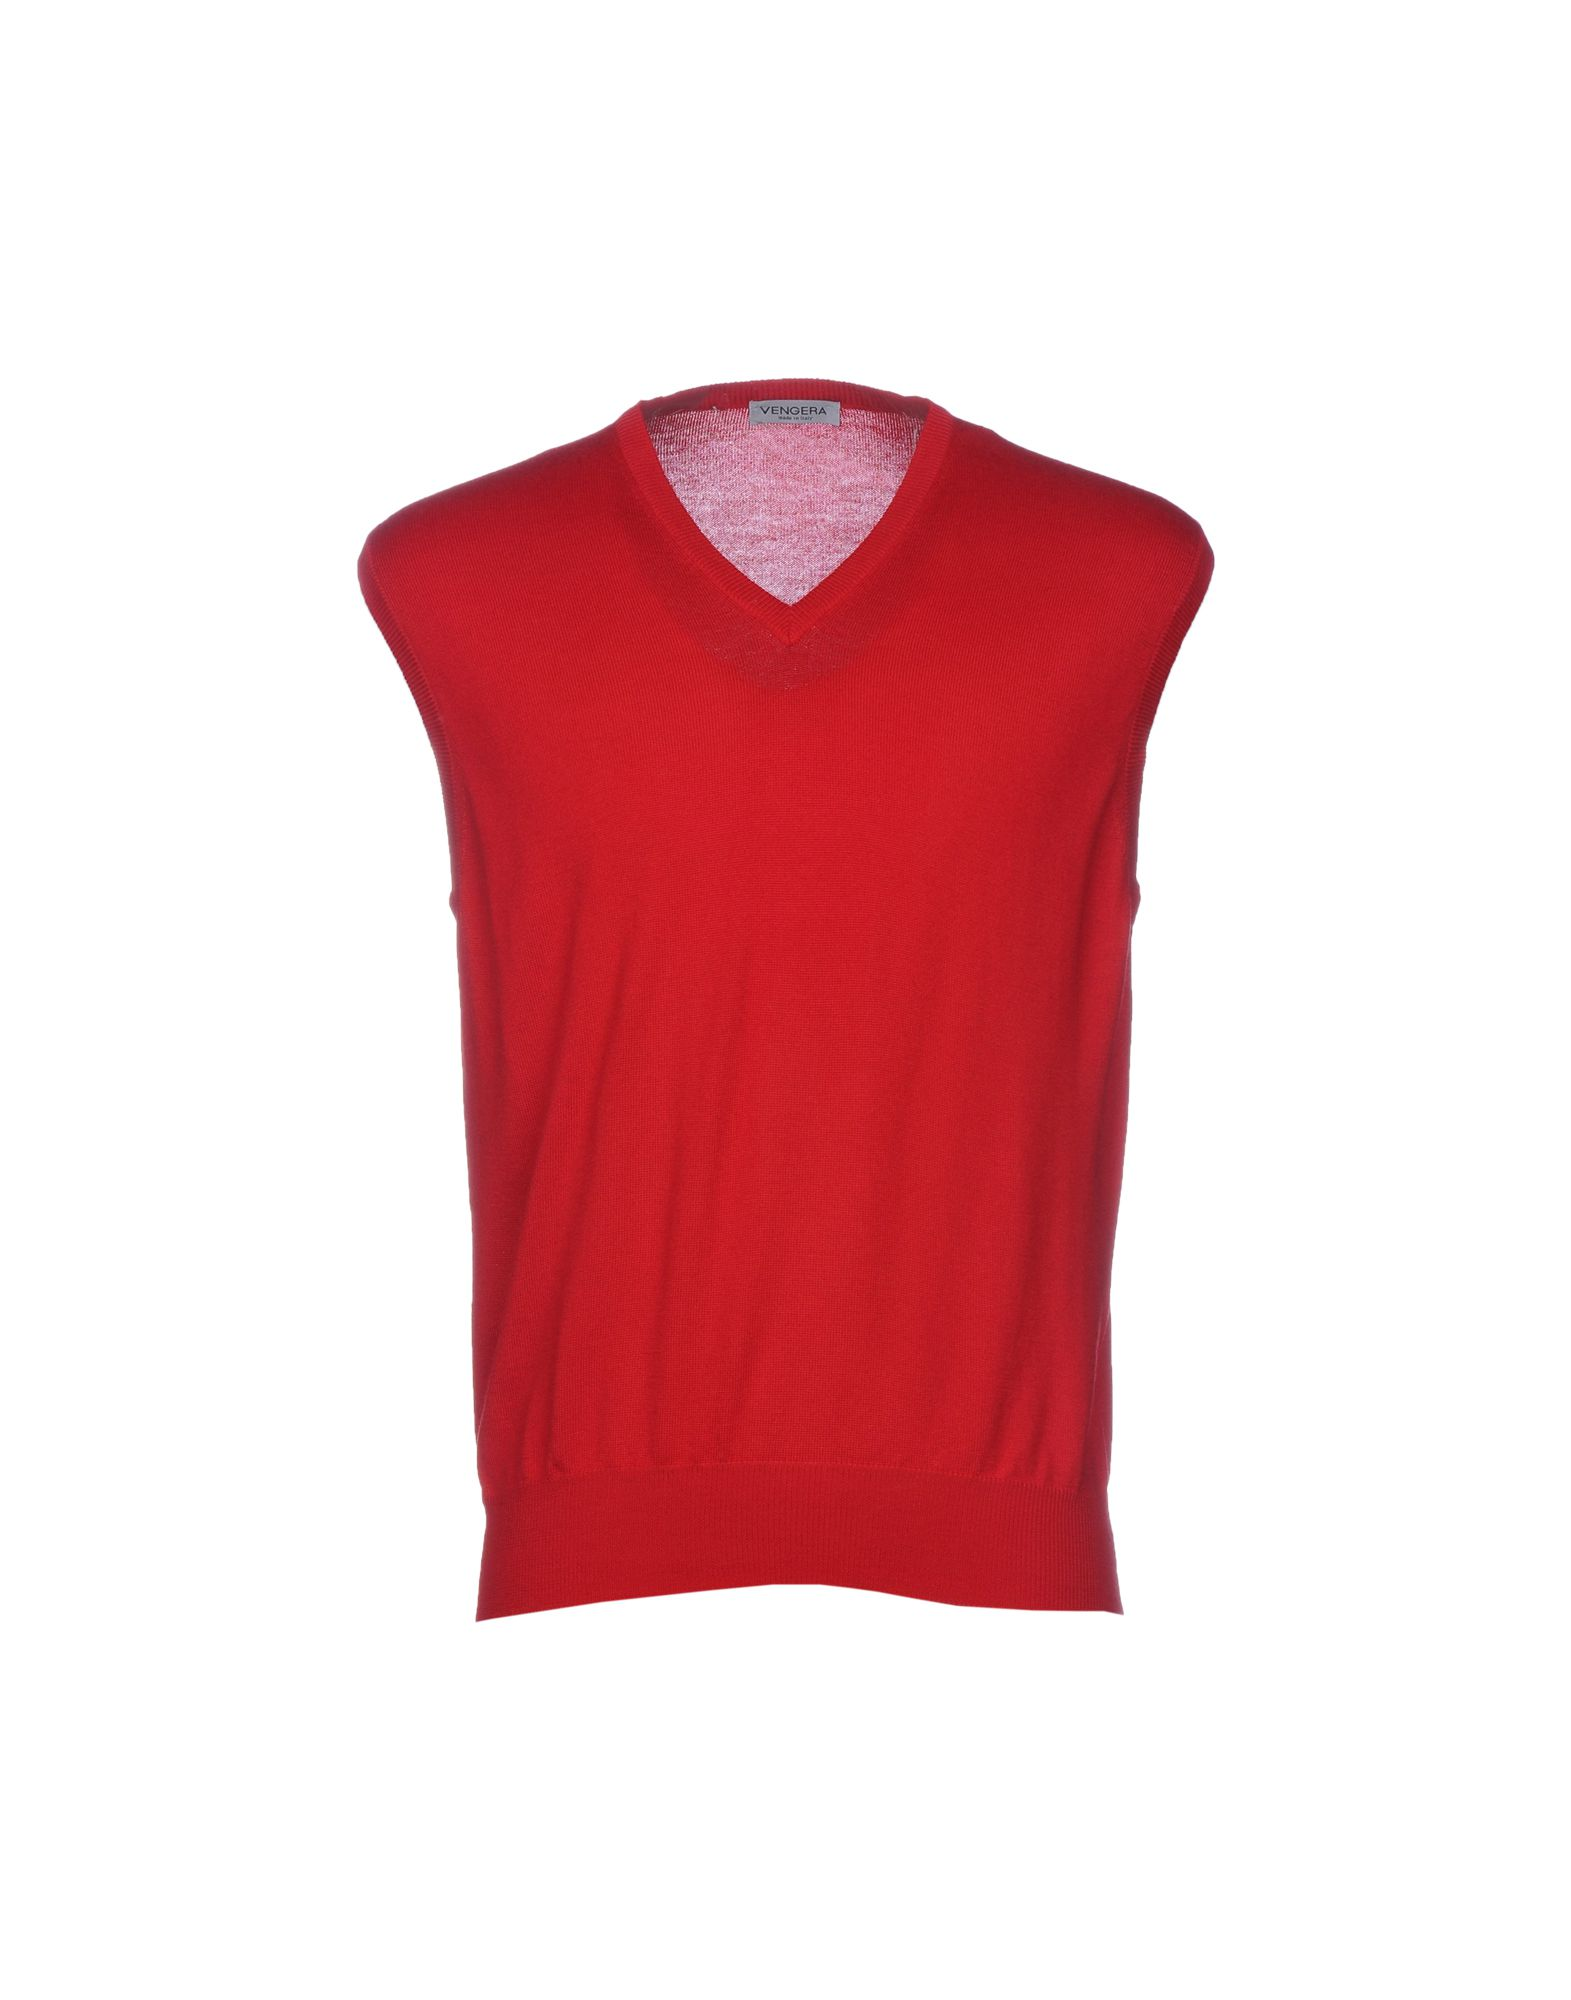 VENGERA Sleeveless Sweater in Brick Red